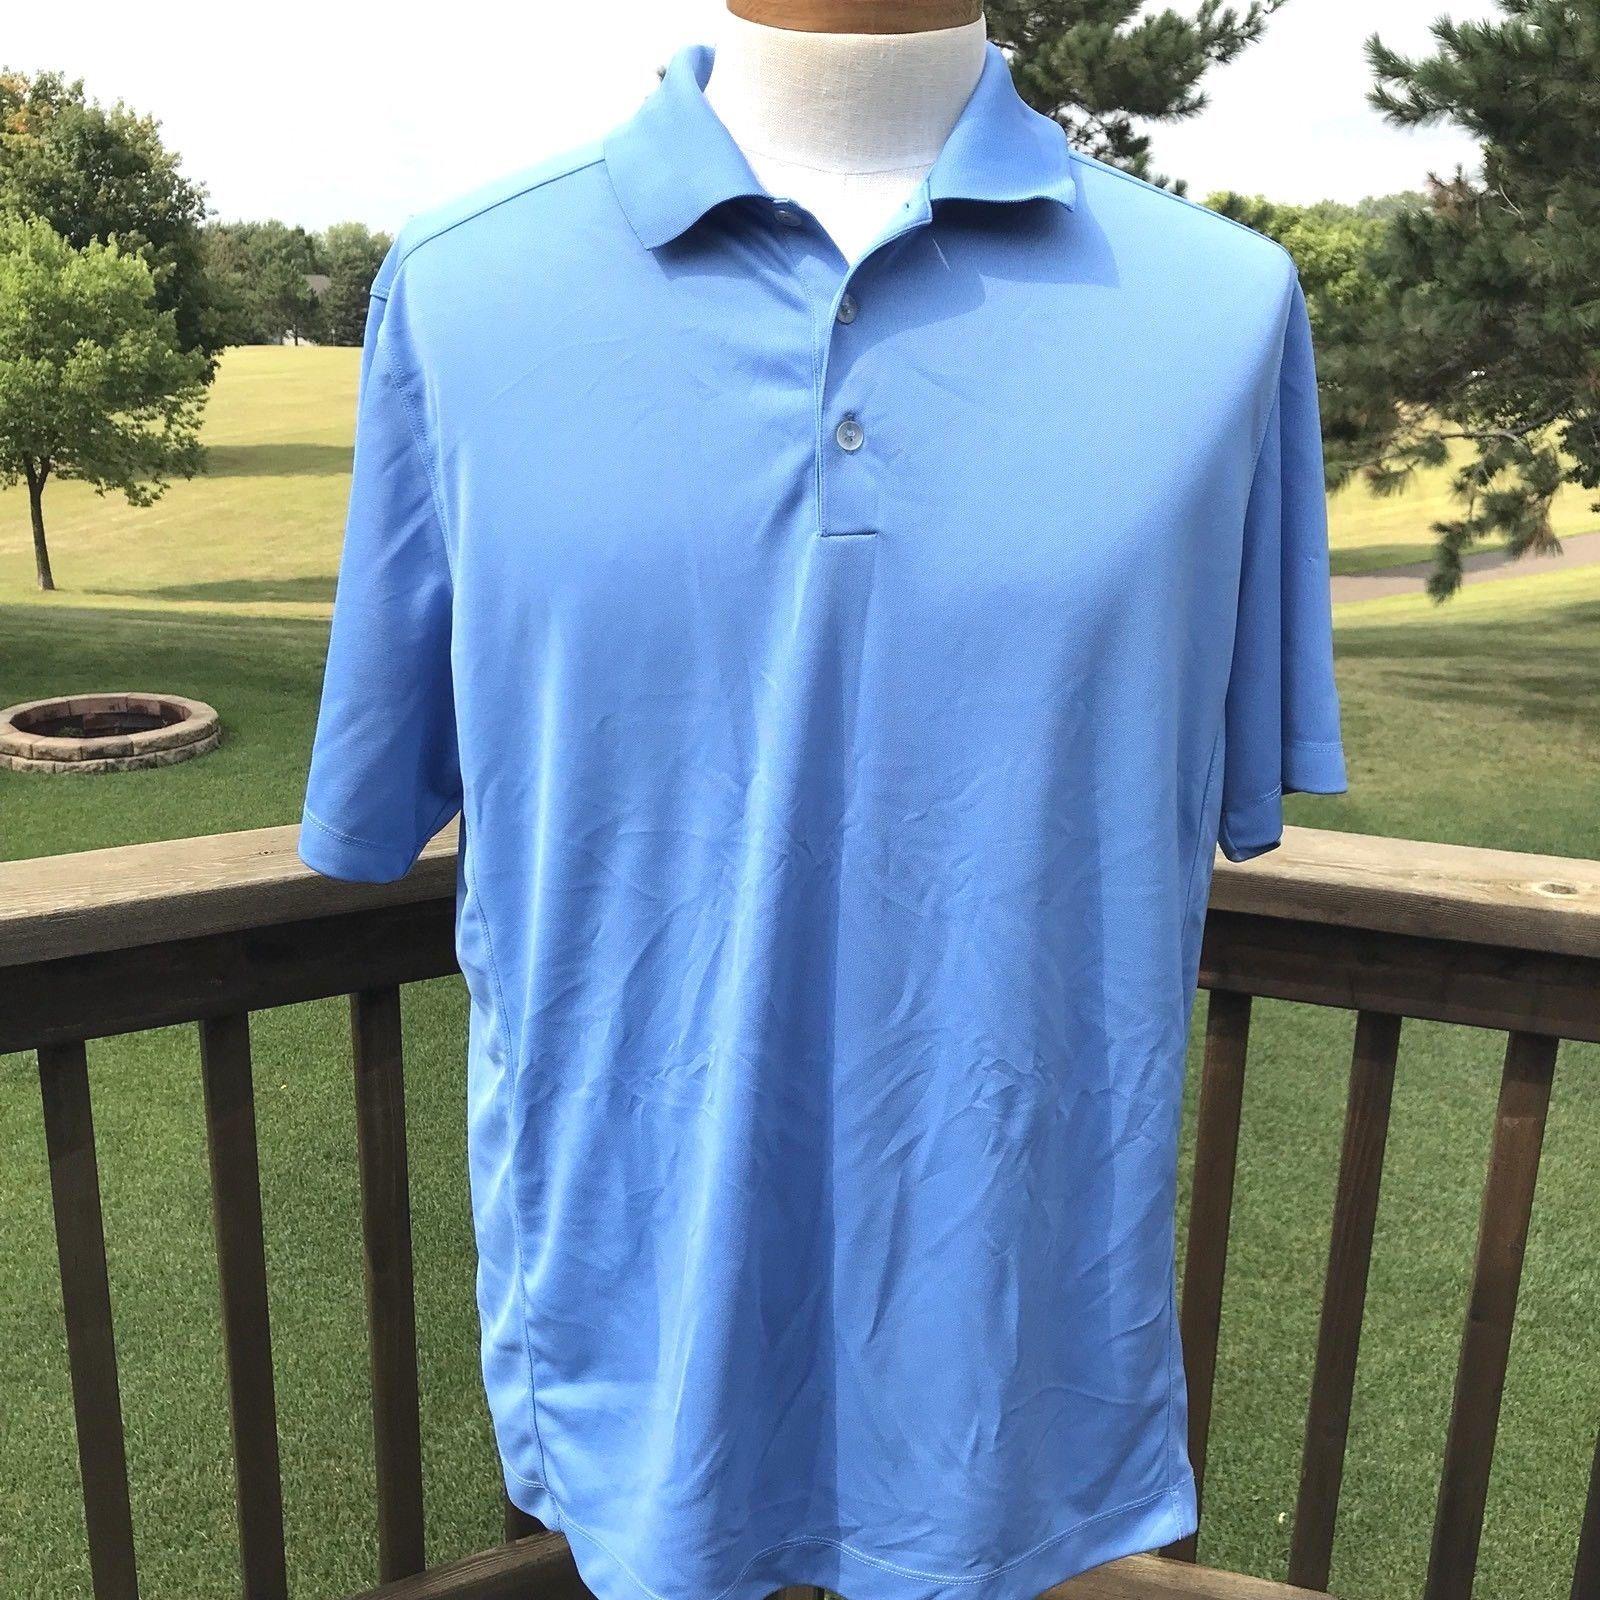 d33f4edf3 Nike Golf Dri-Fit Mens Polo Shirt Size XL Blue Stretch Short Sleeve Athletic  EUC